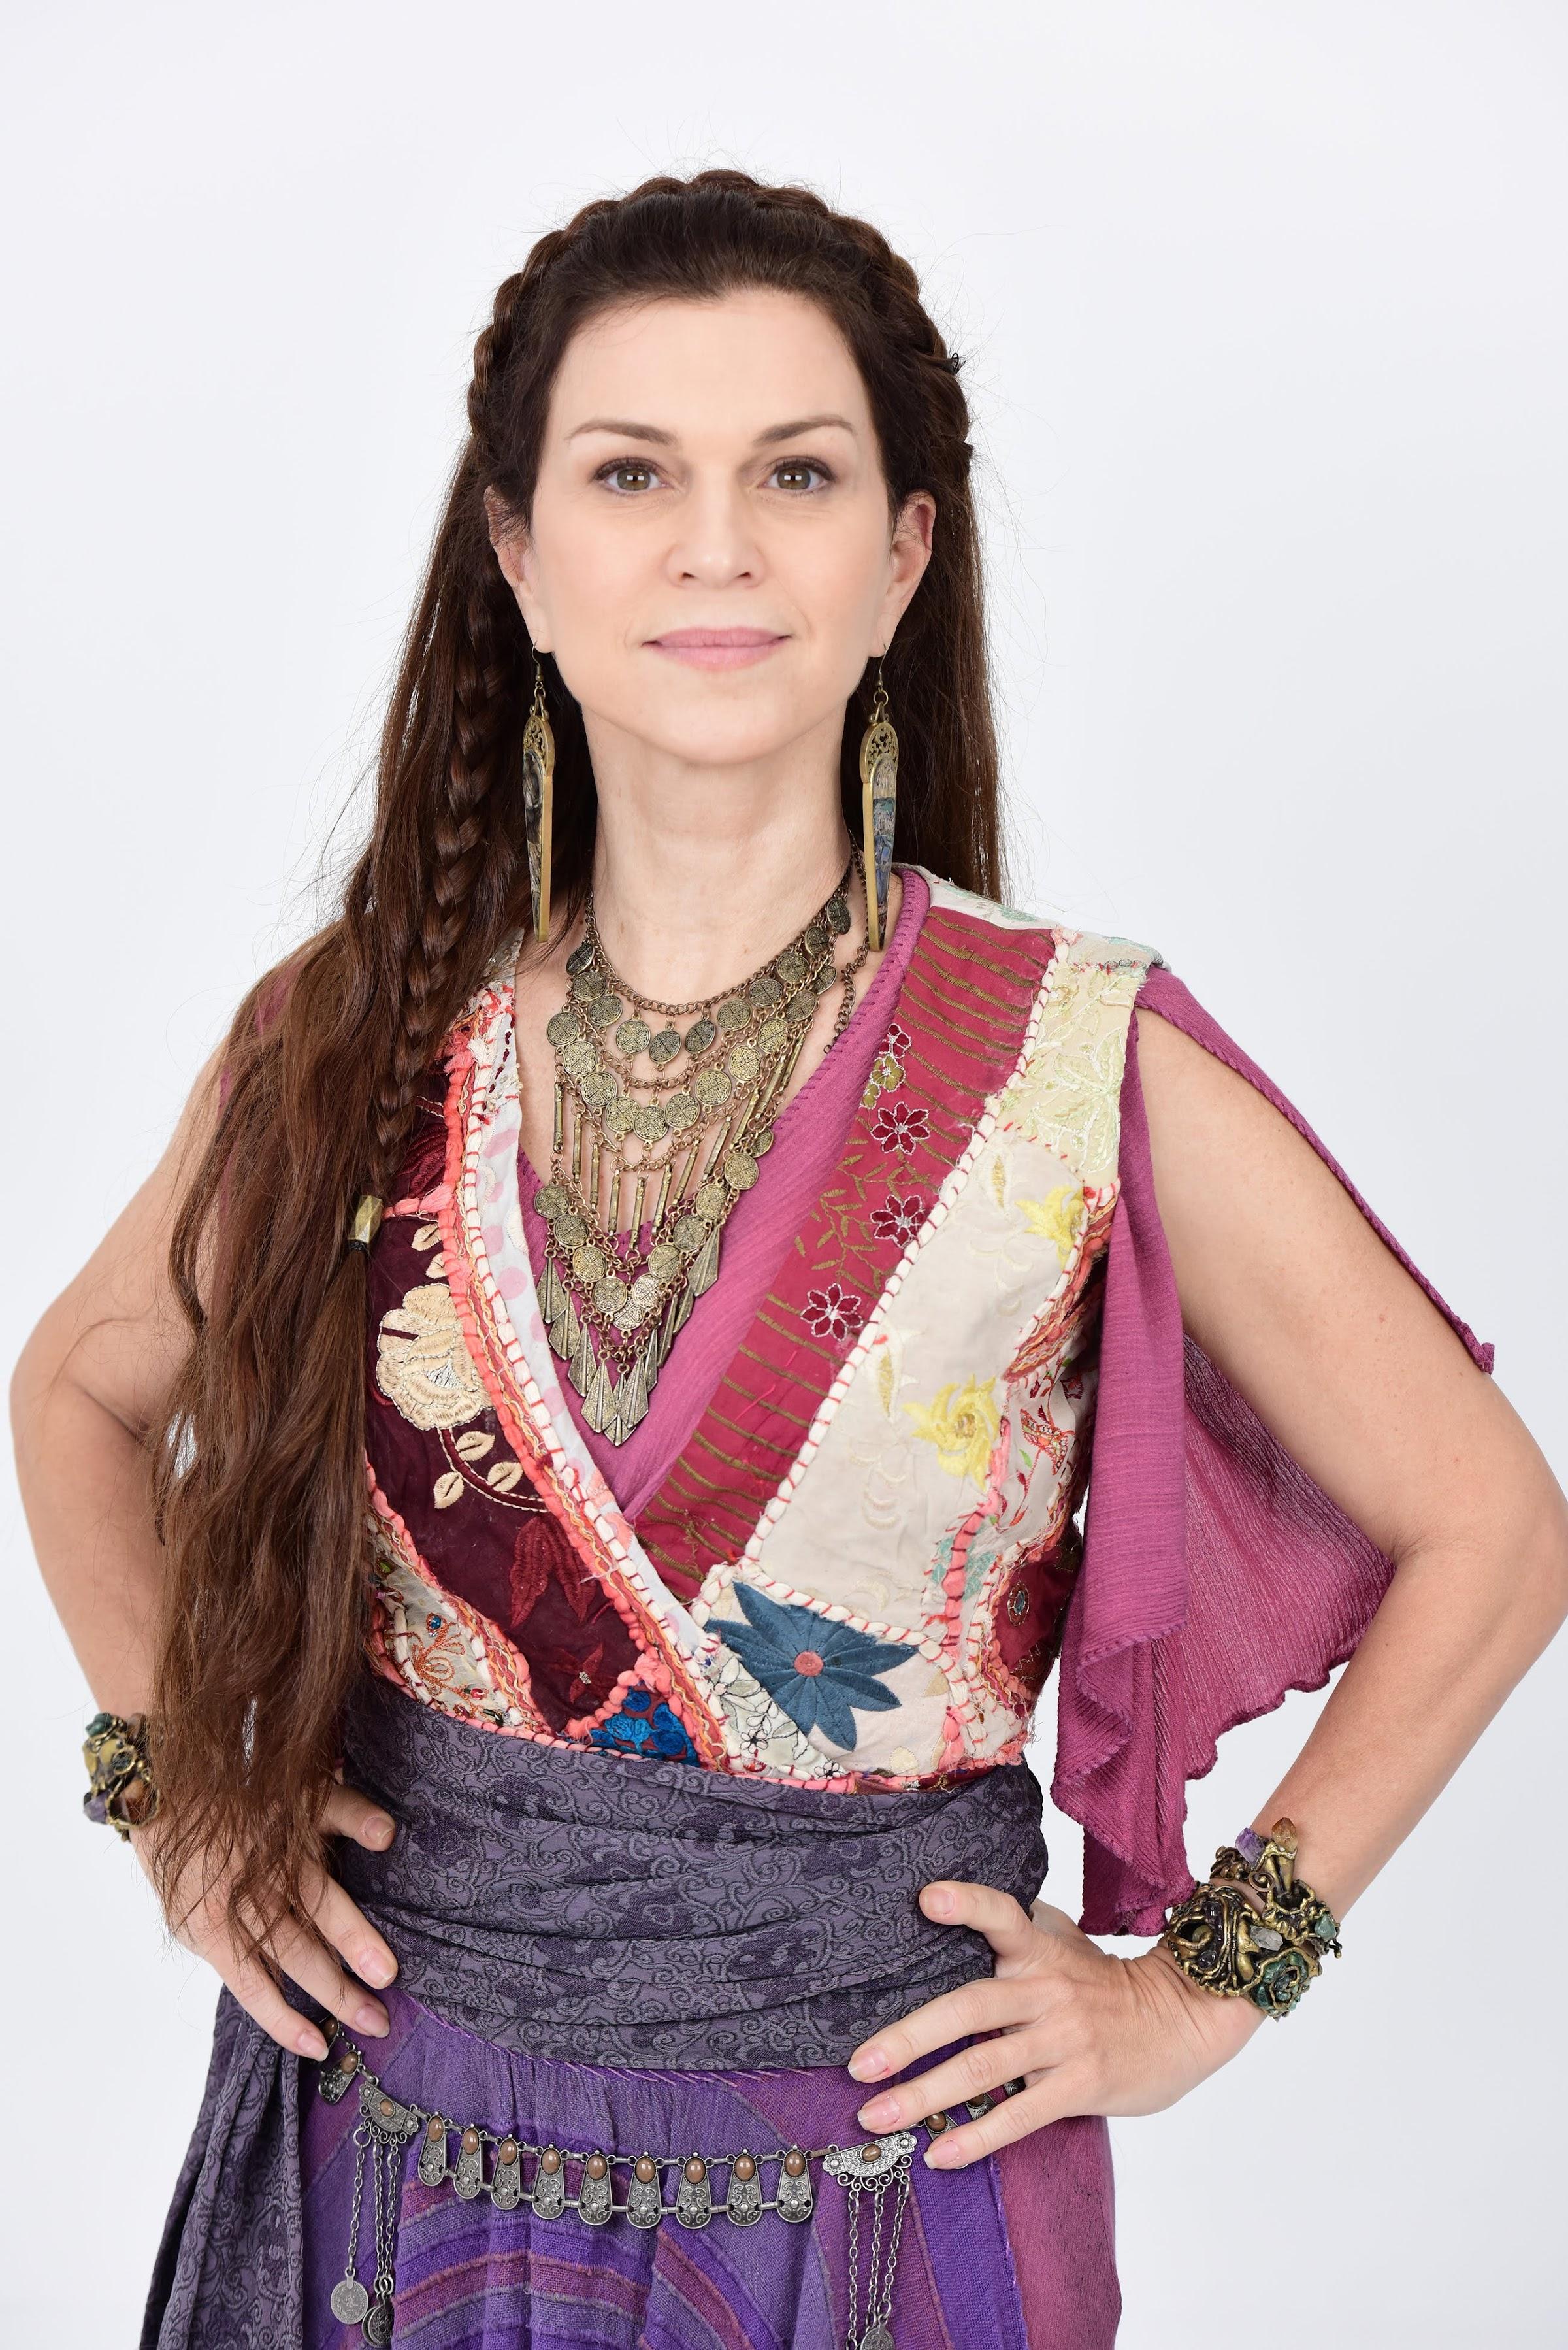 Conheça Adela, personagem de Adriana Garambone em 'Jesus'